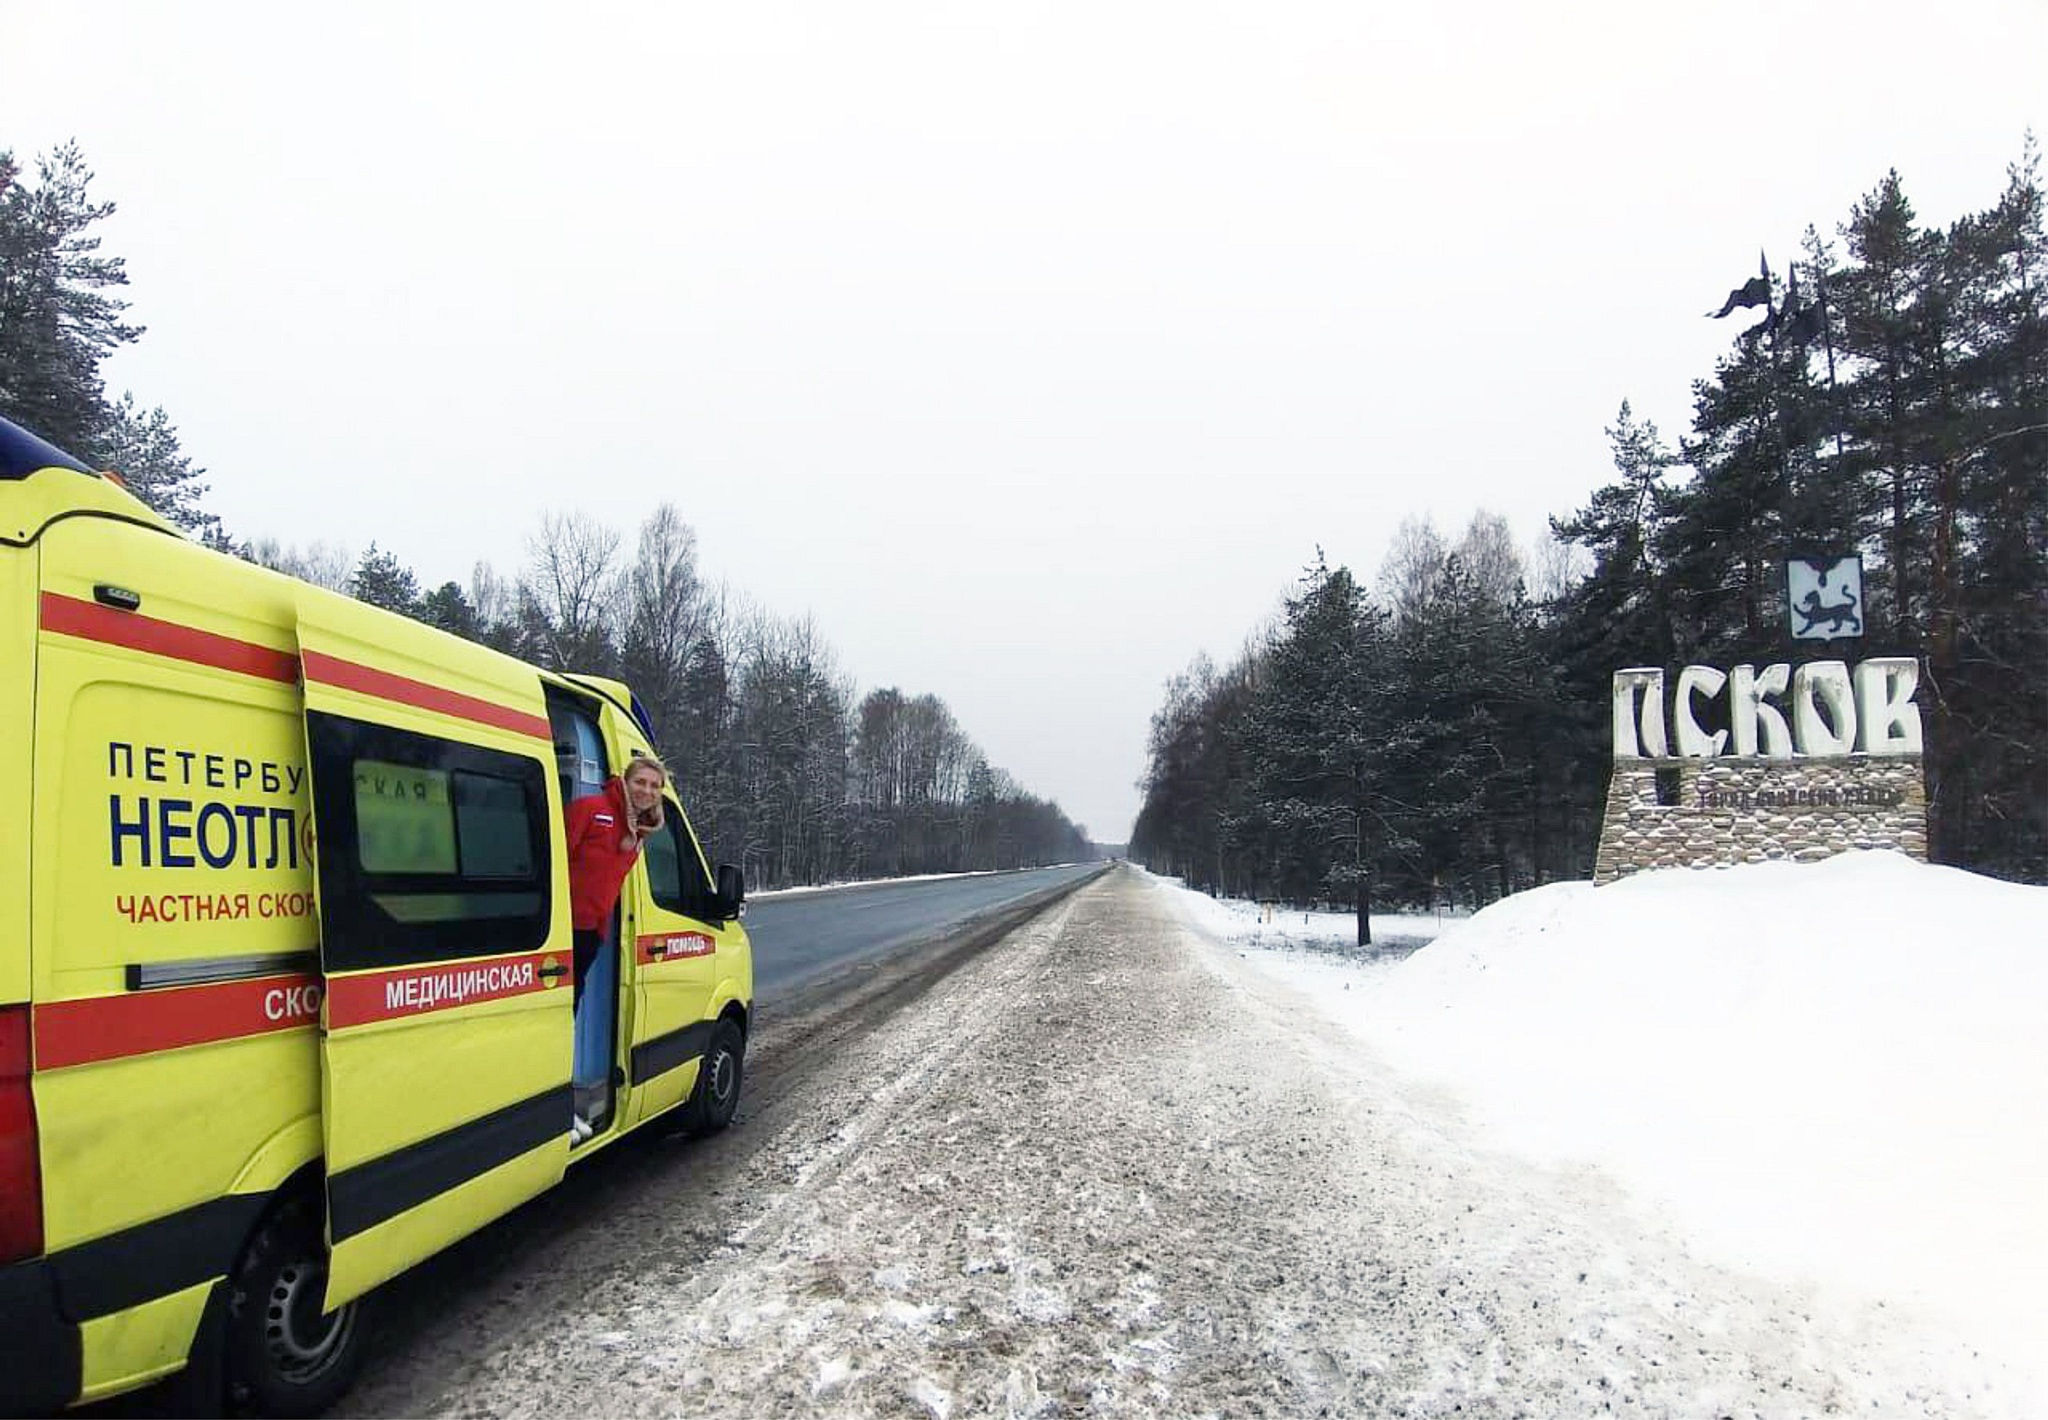 «Петербургская Неотложка» выполнила медицинскую эвакуацию пациента из города Даугавпилс в Москву